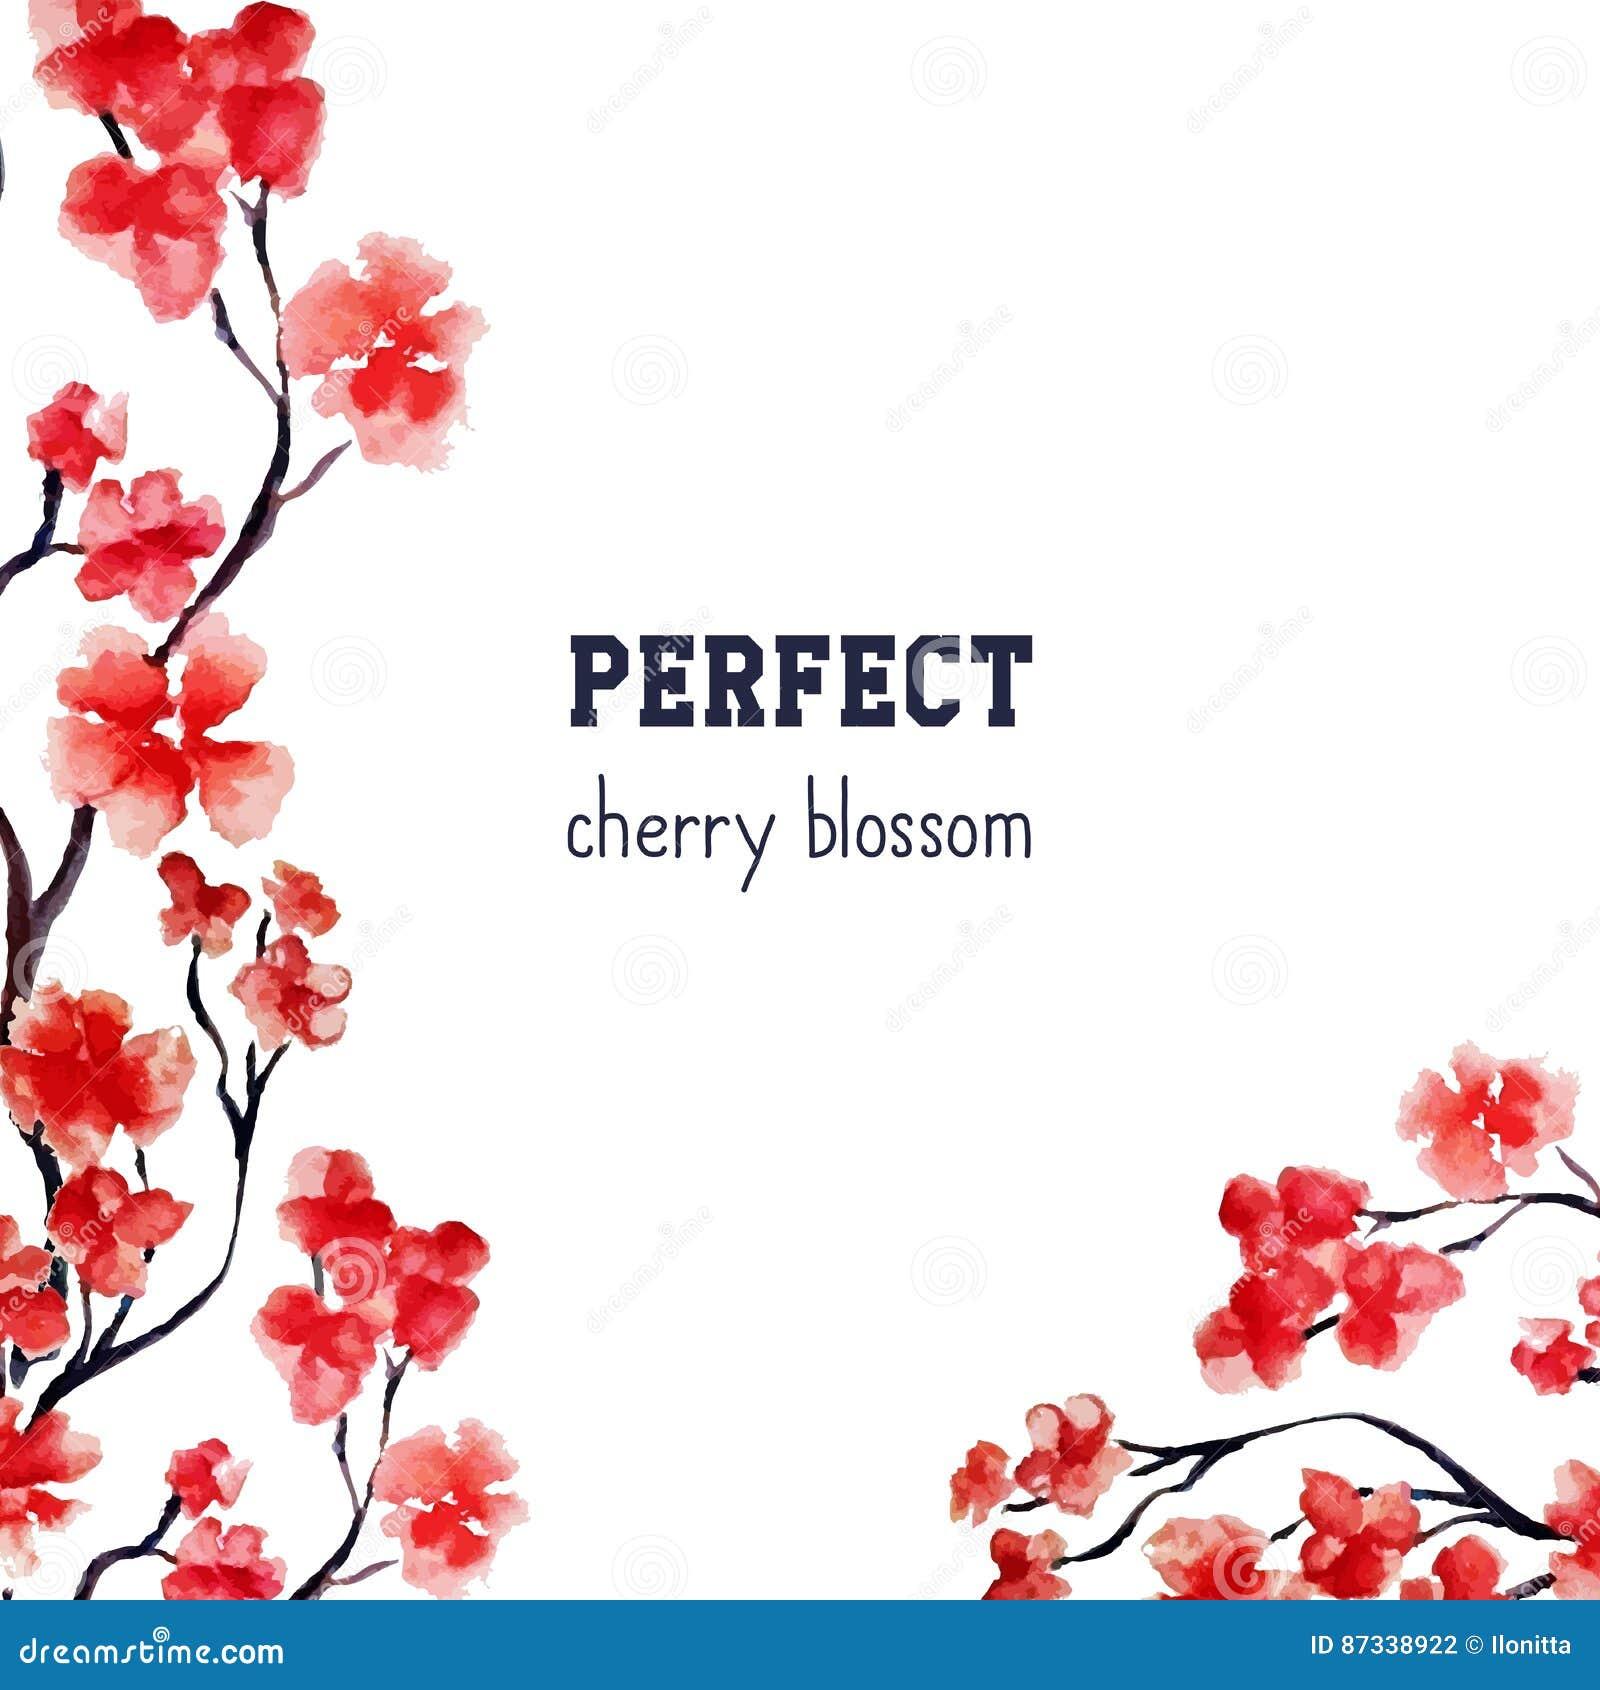 Fiore realistico di sakura - ciliegio rosso giapponese isolato su fondo bianco Pittura dell acquerello di vettore clipping